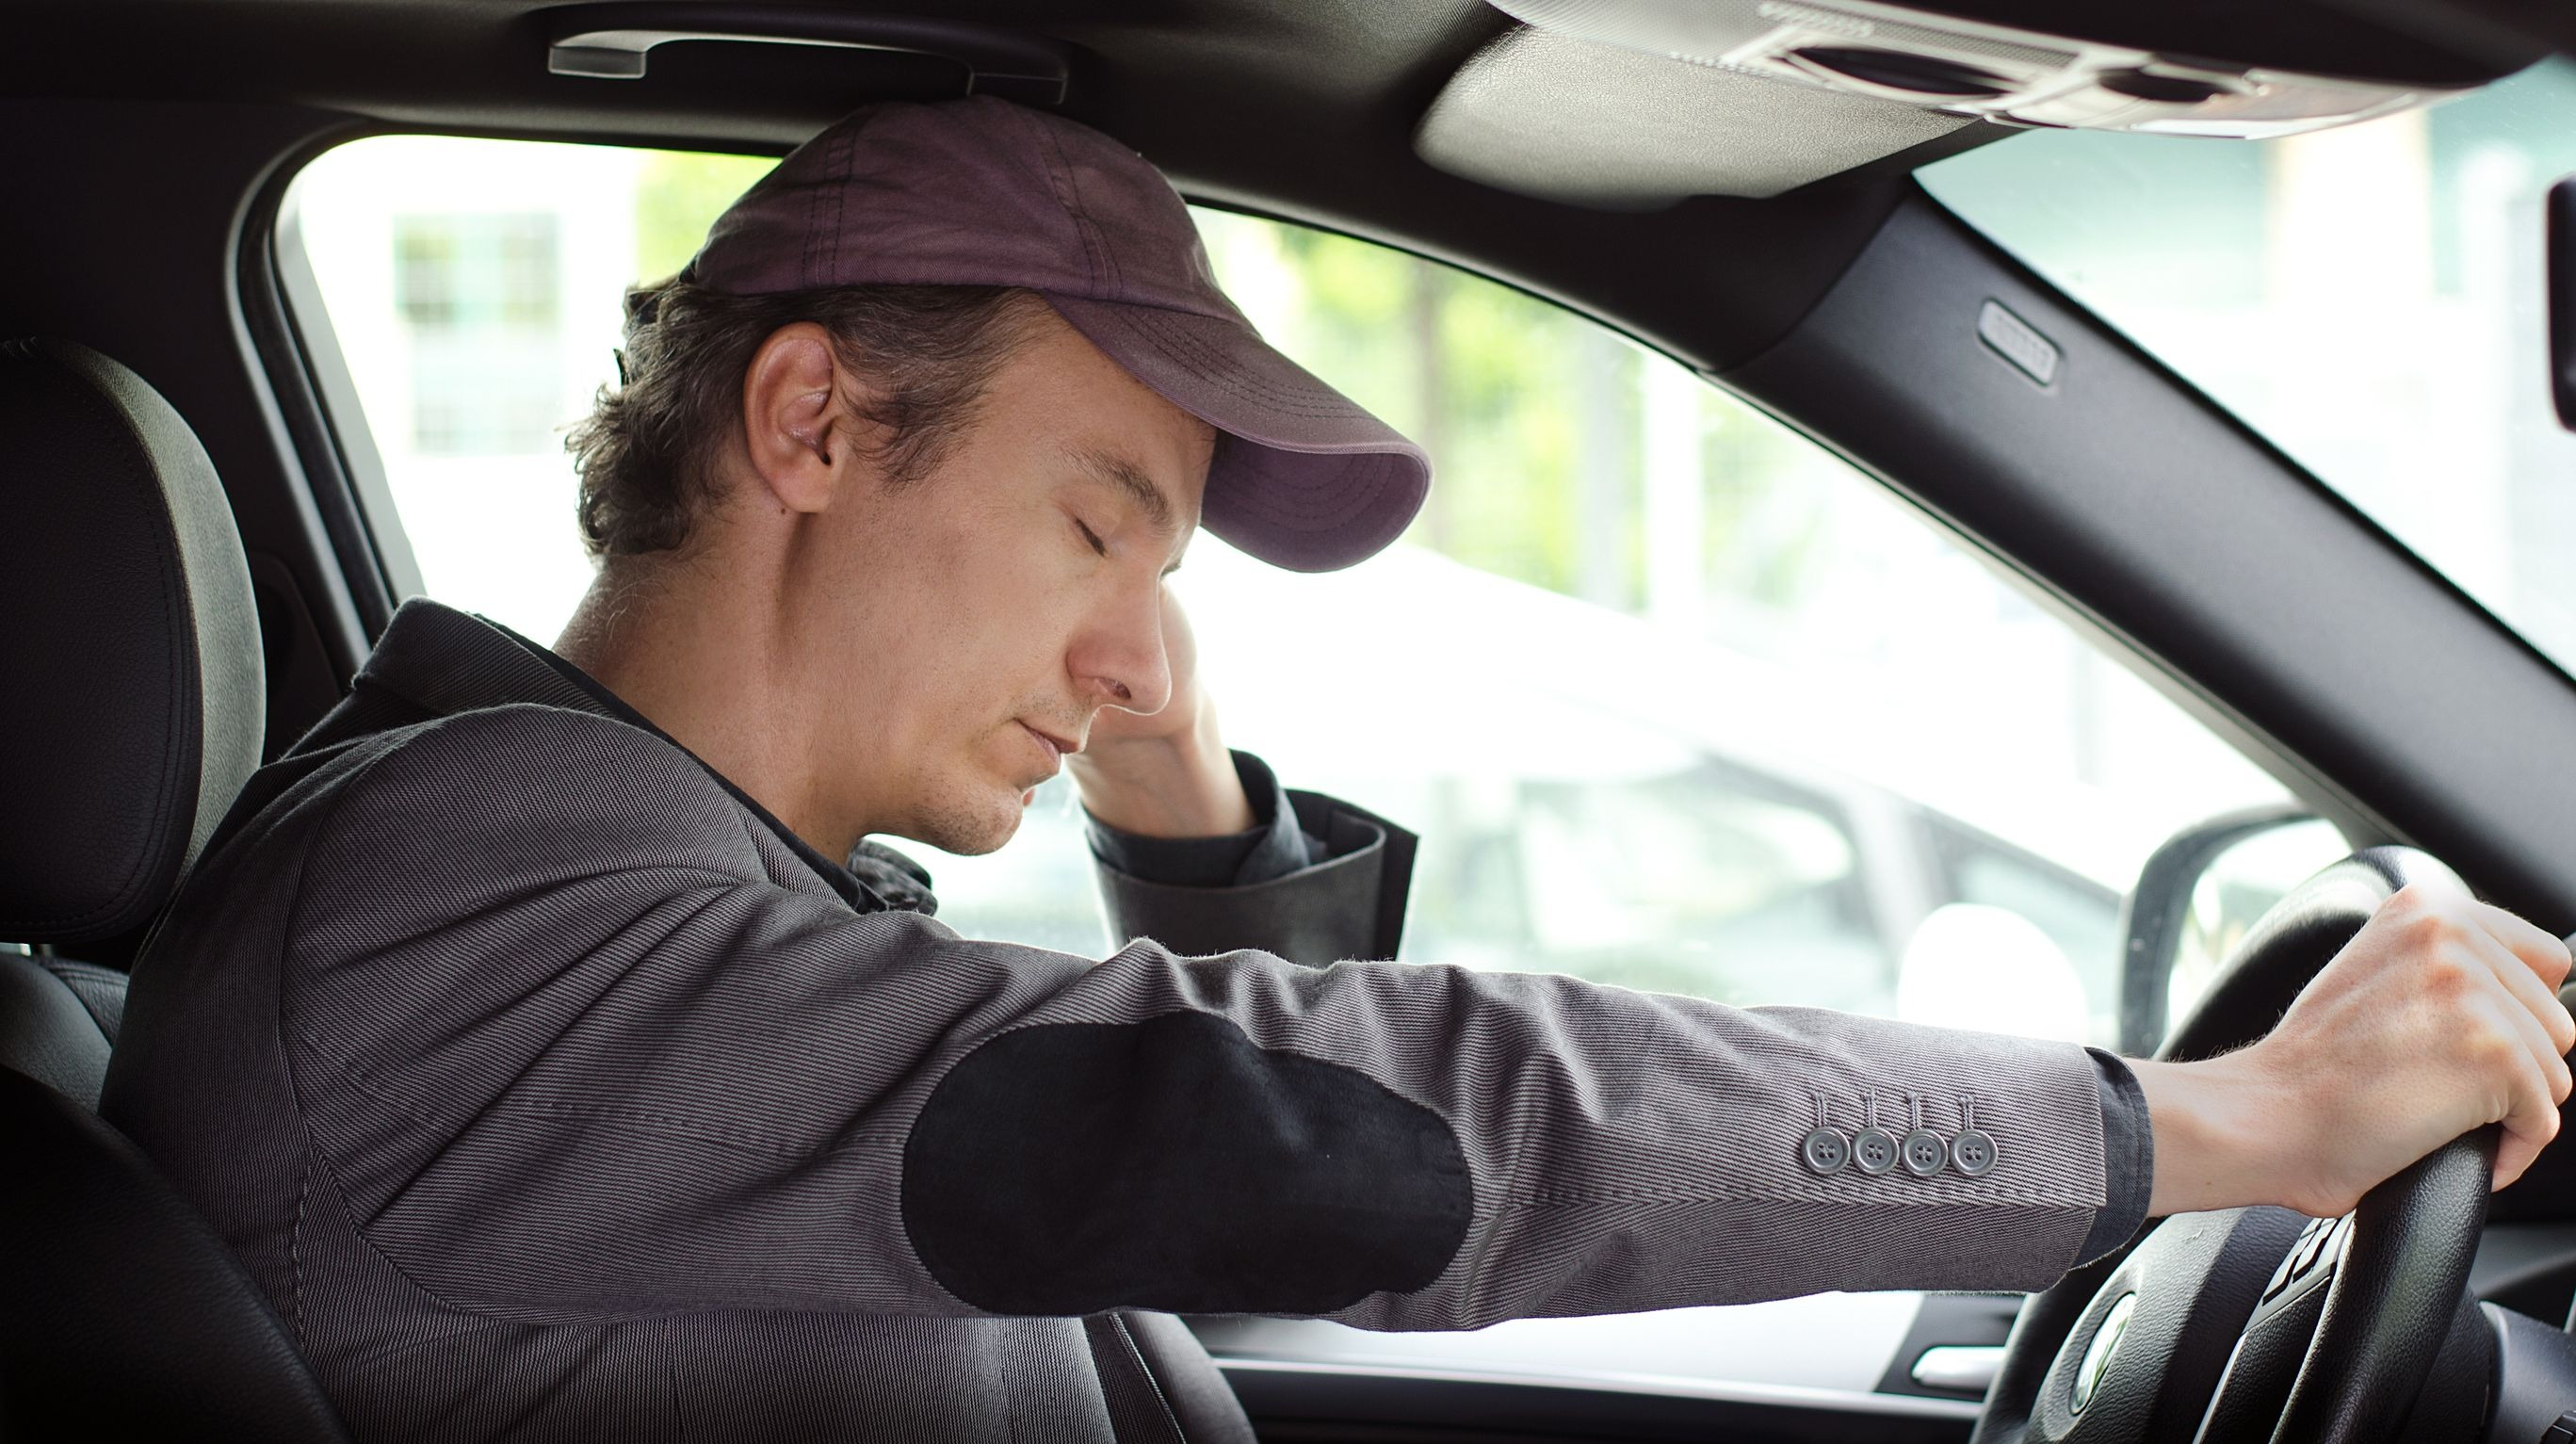 تشخیص حواسپرتی و خوابآلودگی راننده